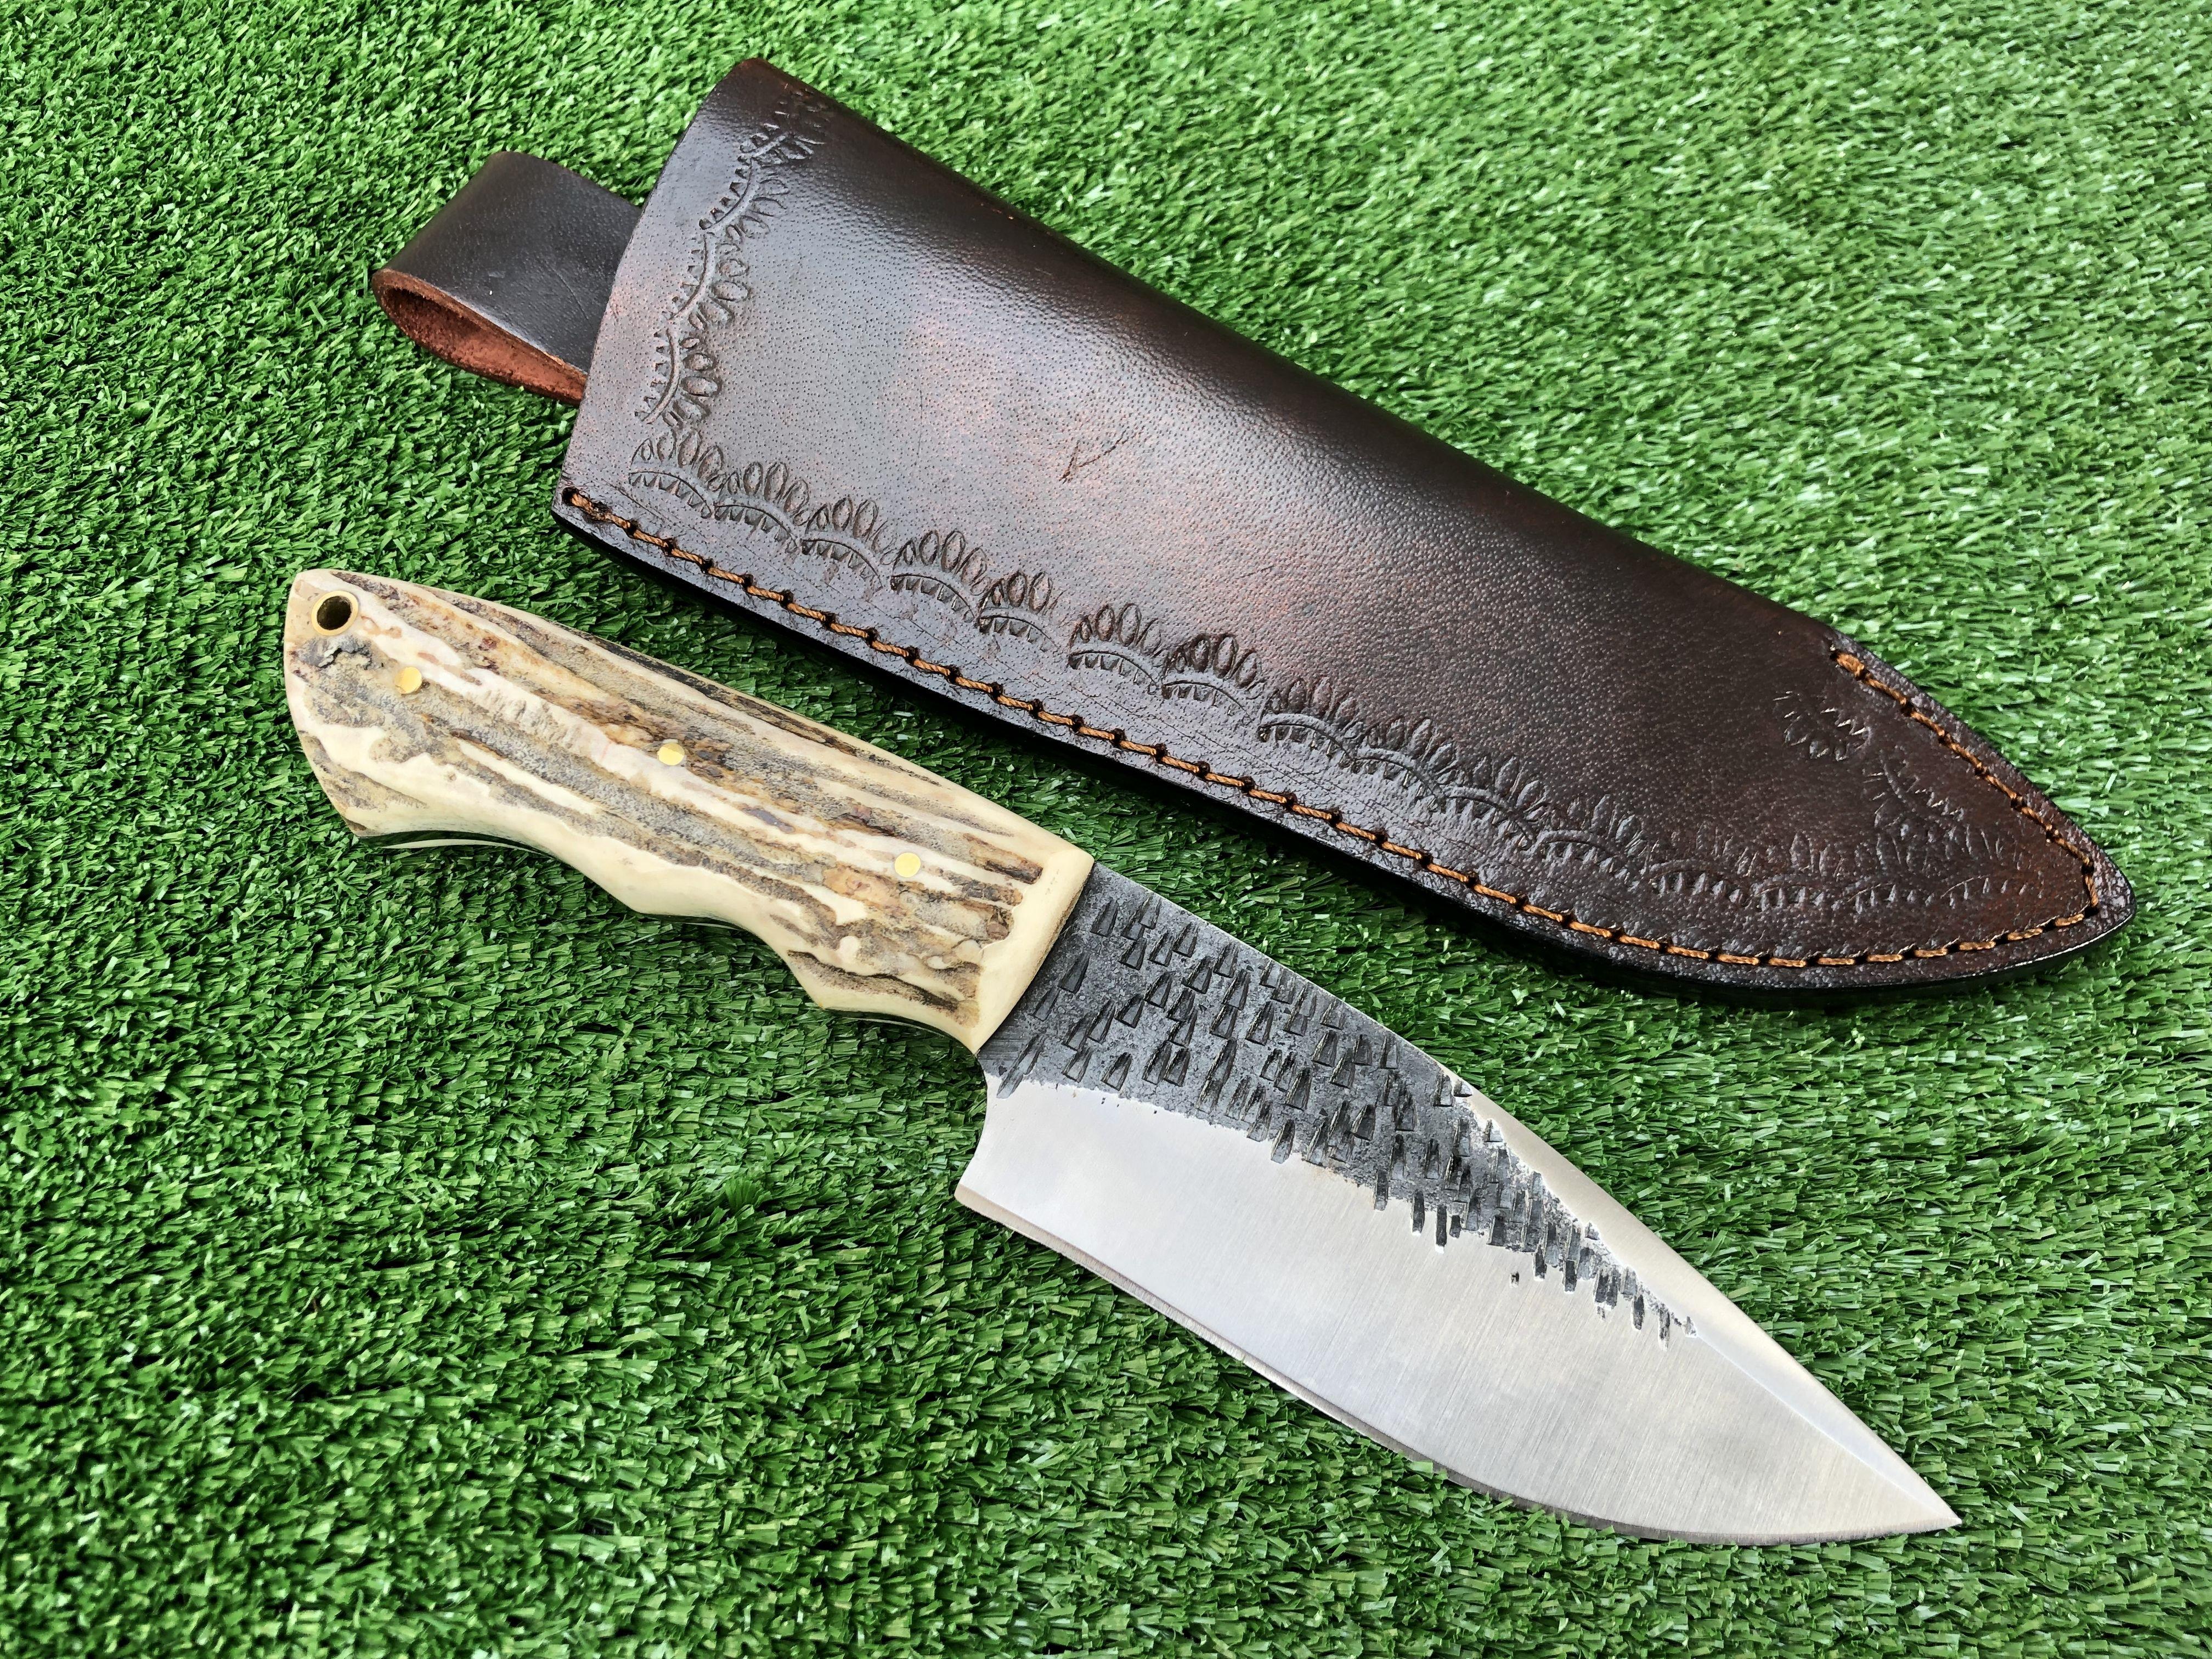 Handmade 1095 Steel Skinner Knife With Deer Antler Handle In 2020 Knife 1095 Steel Antlers